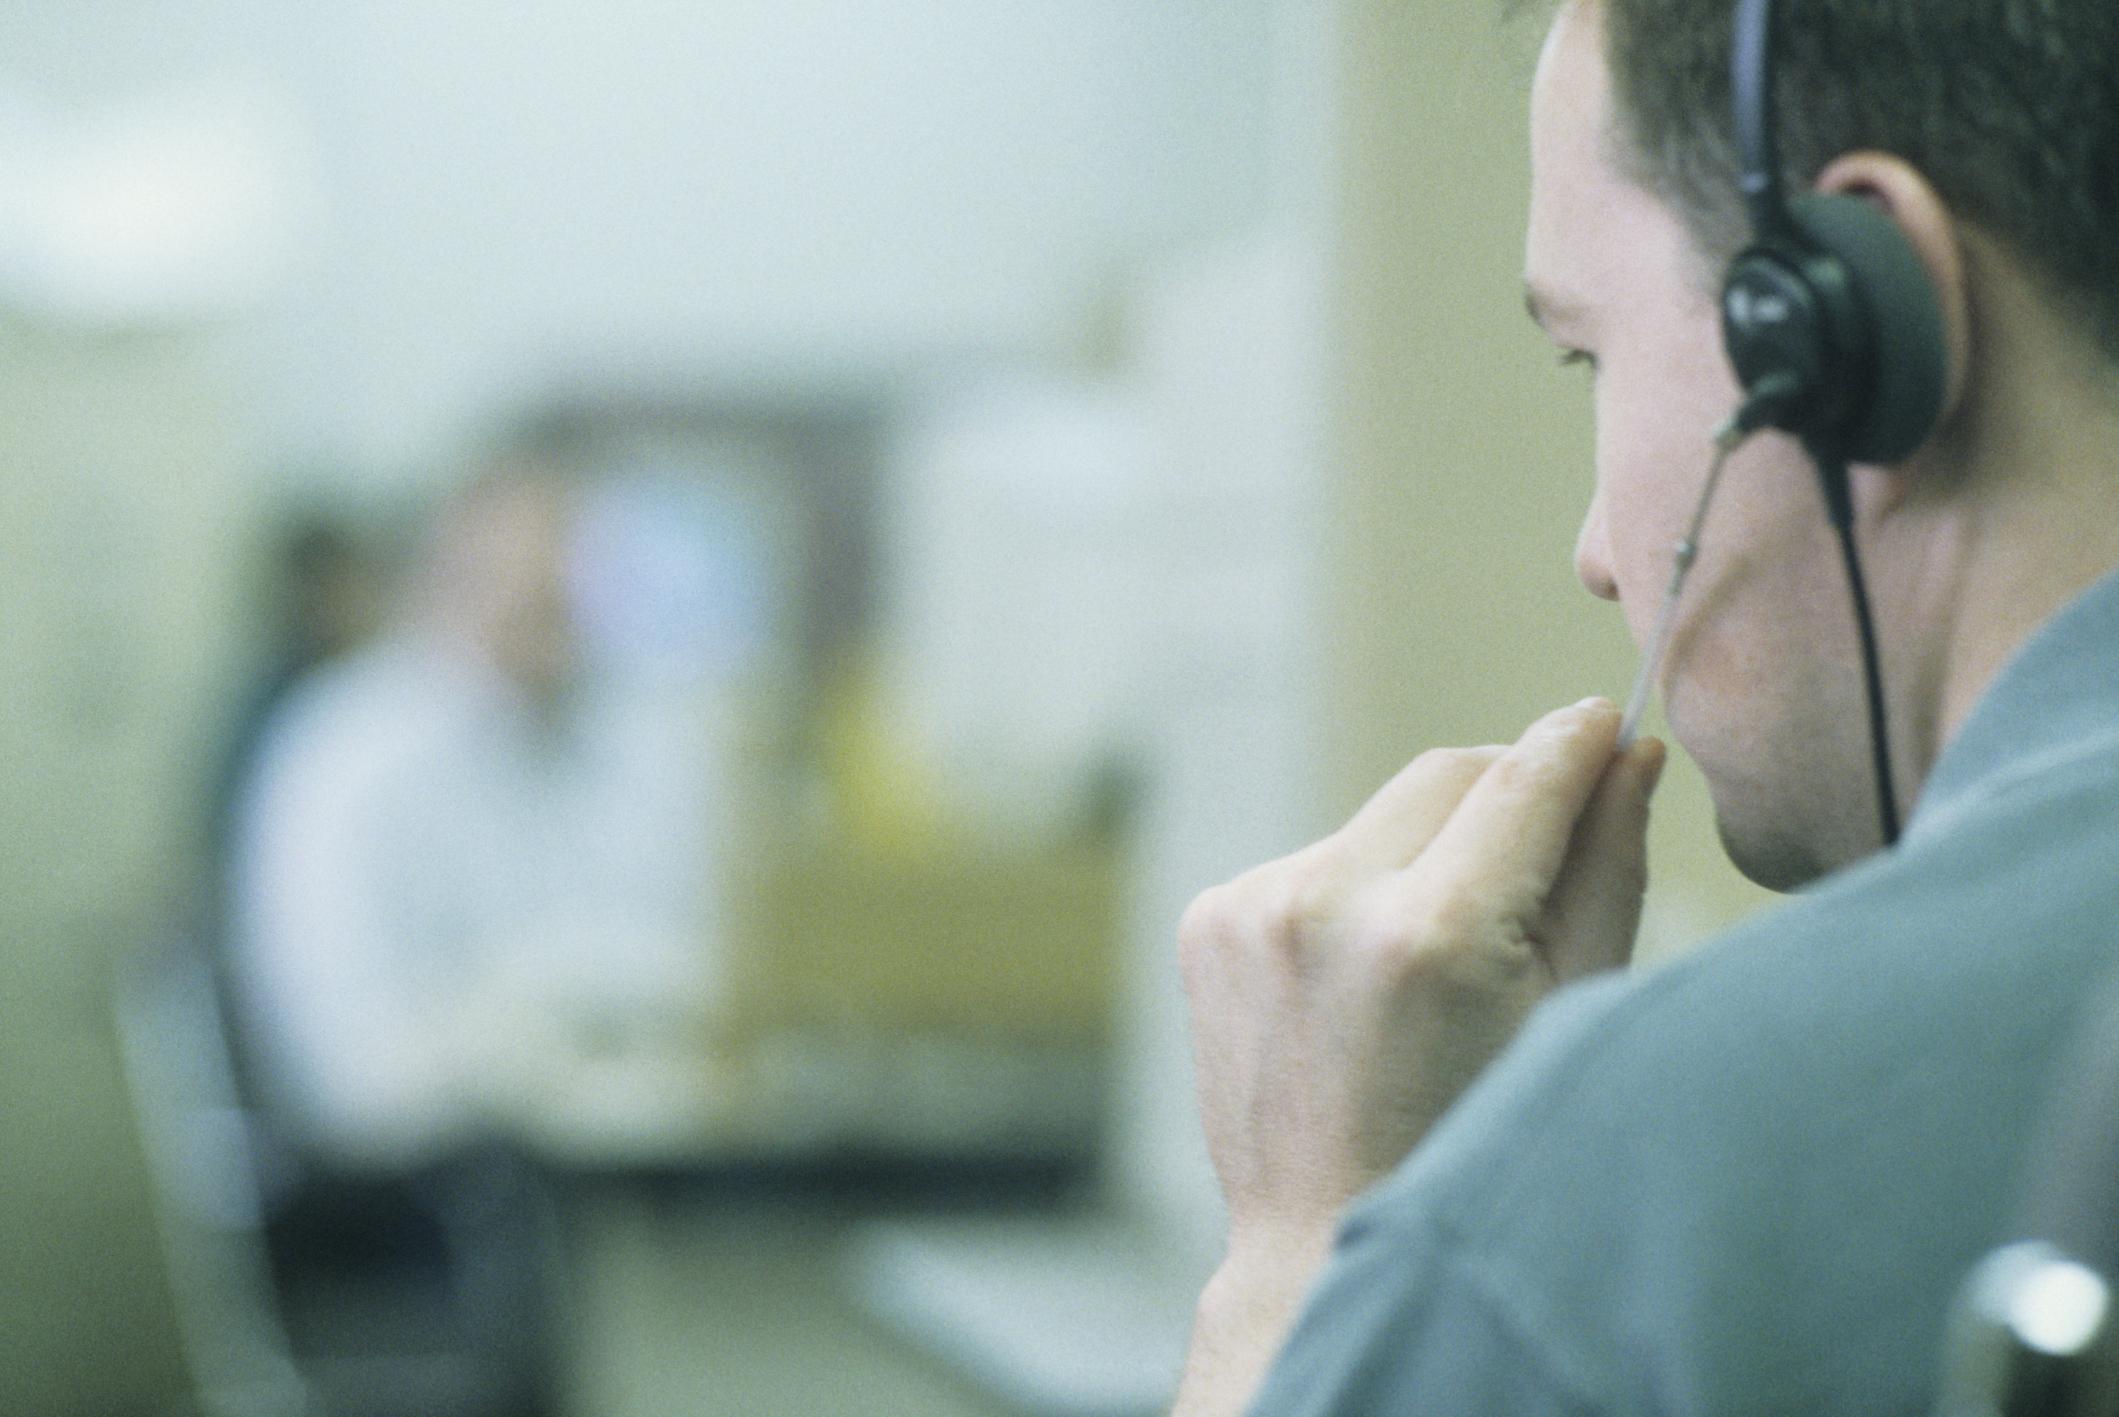 Obtěžuje vás telemarketing? Máme pro vás návod, jak se bránit